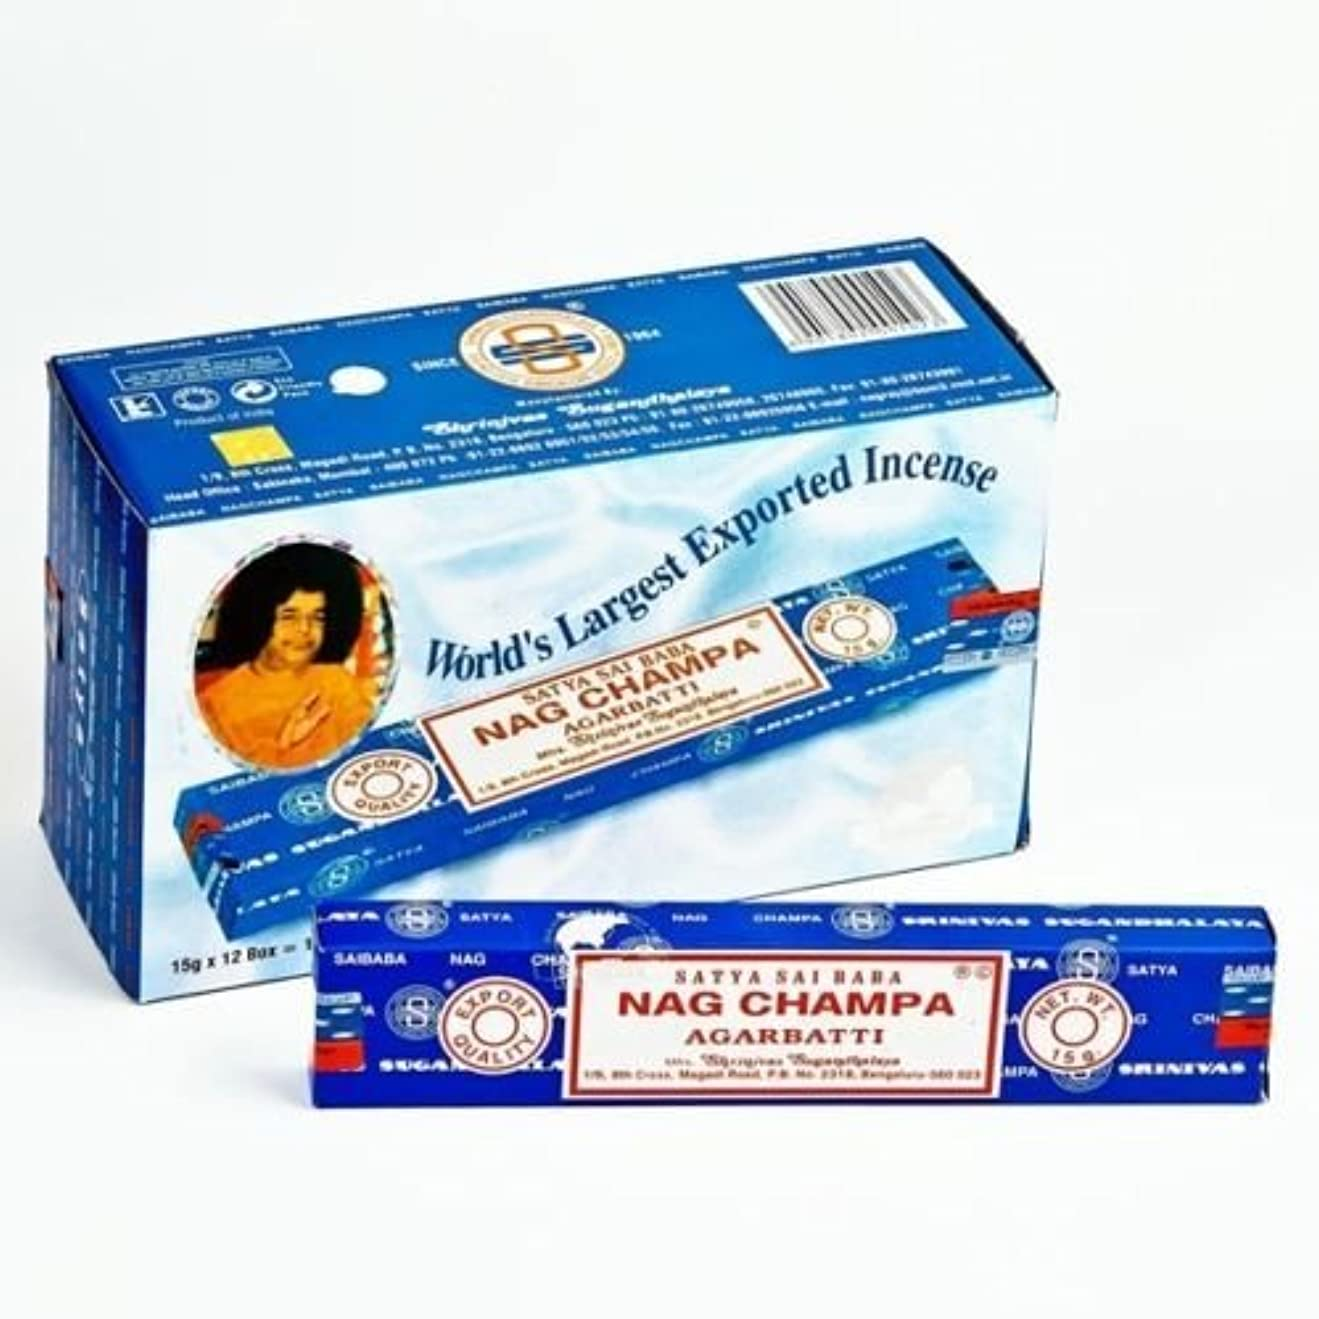 キャラバン悪用海軍Nag Champa incense sticks 15G X 12 BOX = 180G